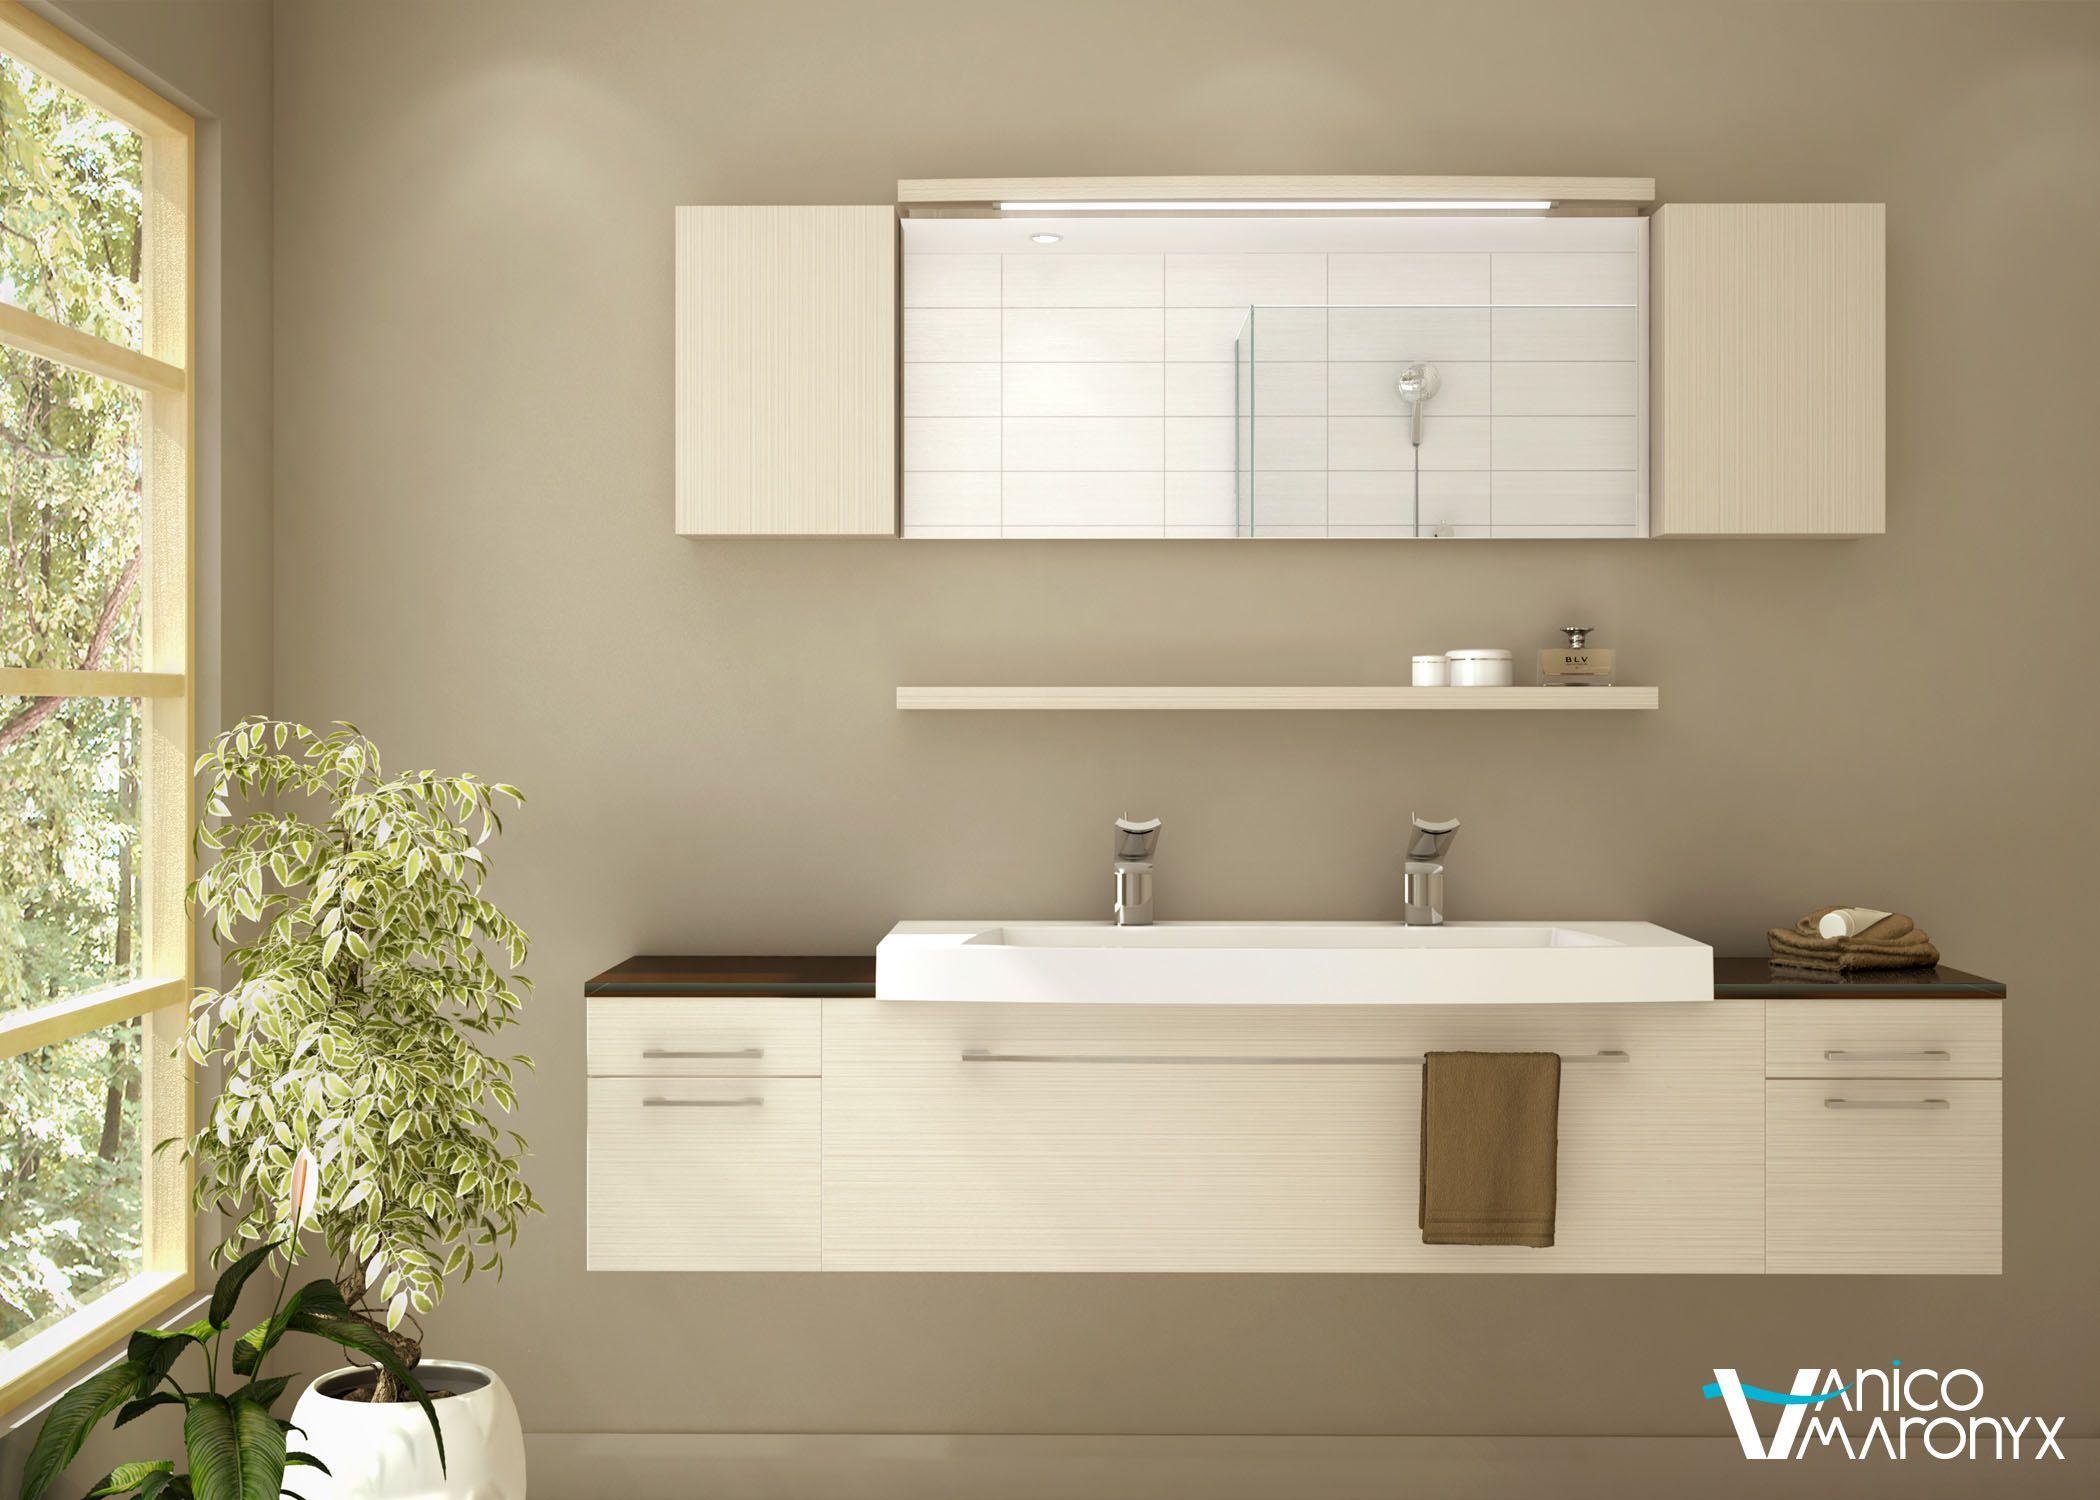 mobilier de salle de bain smile de la s rie mix vanico. Black Bedroom Furniture Sets. Home Design Ideas